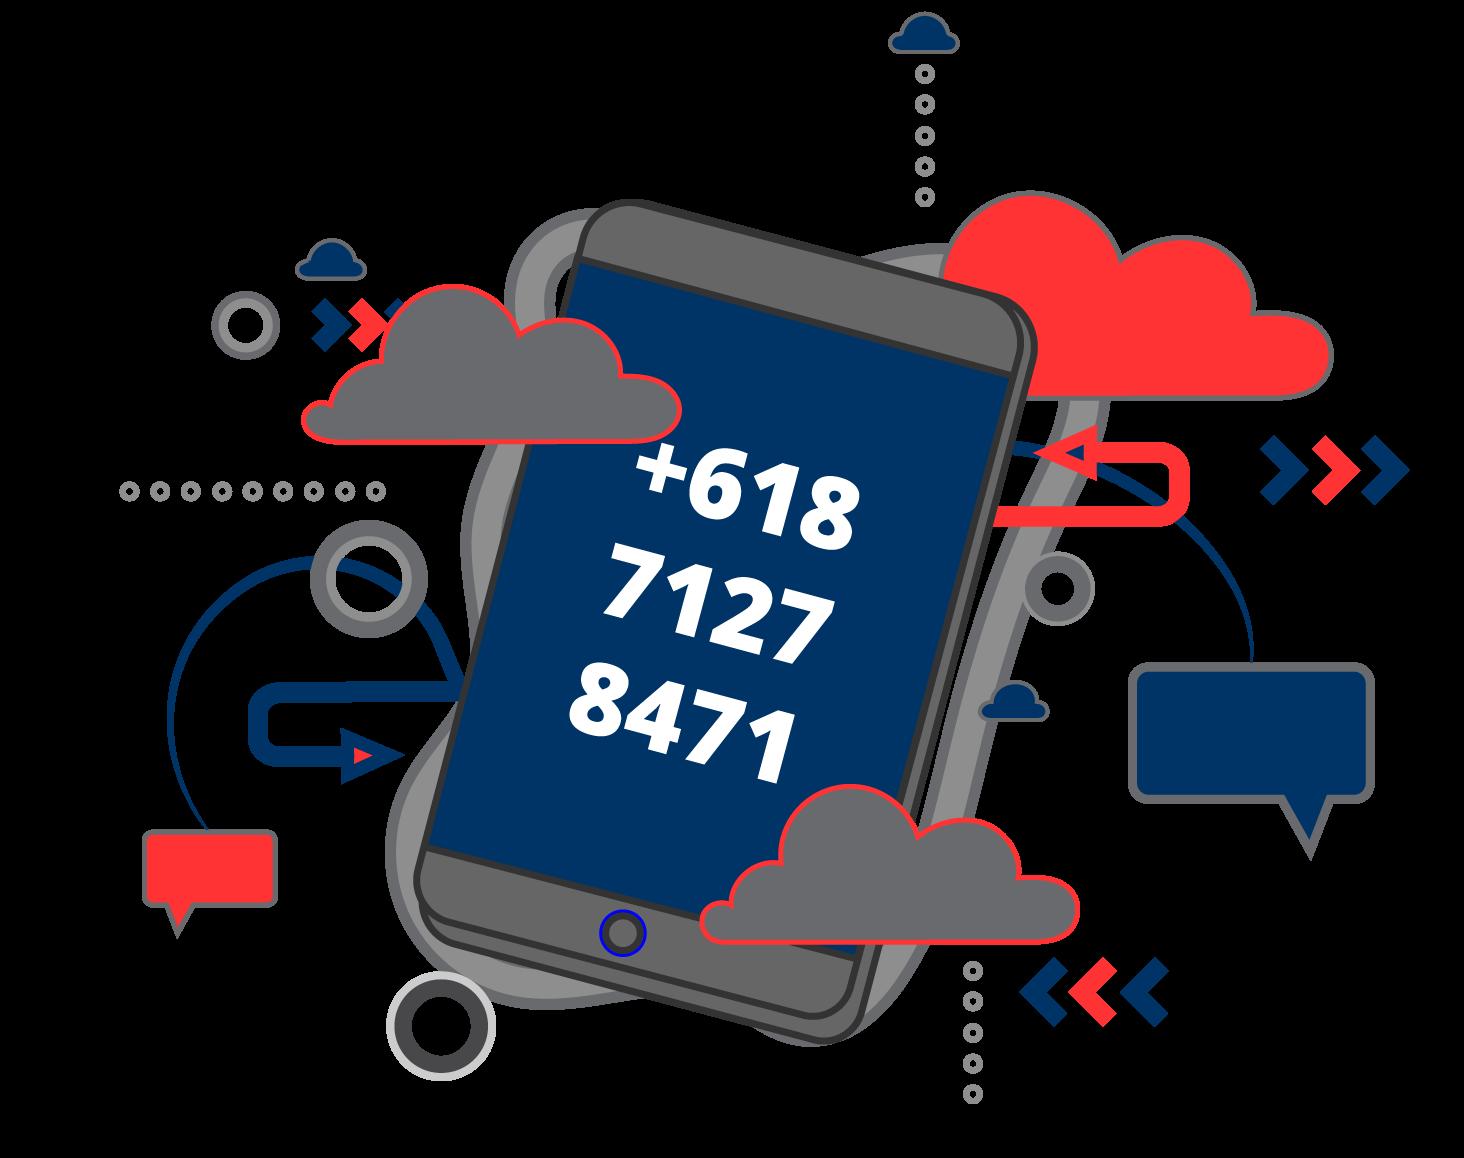 Cad Cam Orthotics Phone Support